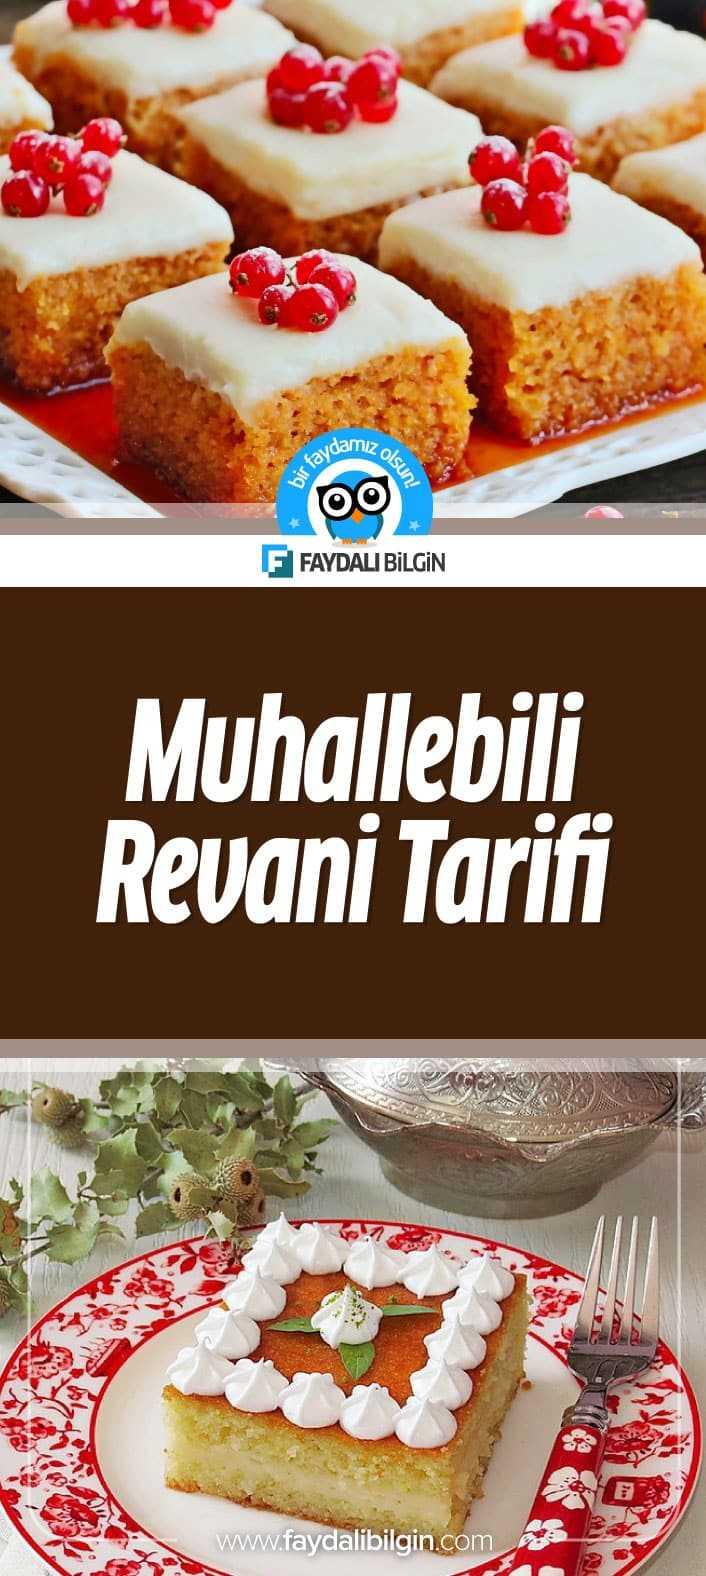 Muhallebili Revani Nasıl Yapılır?